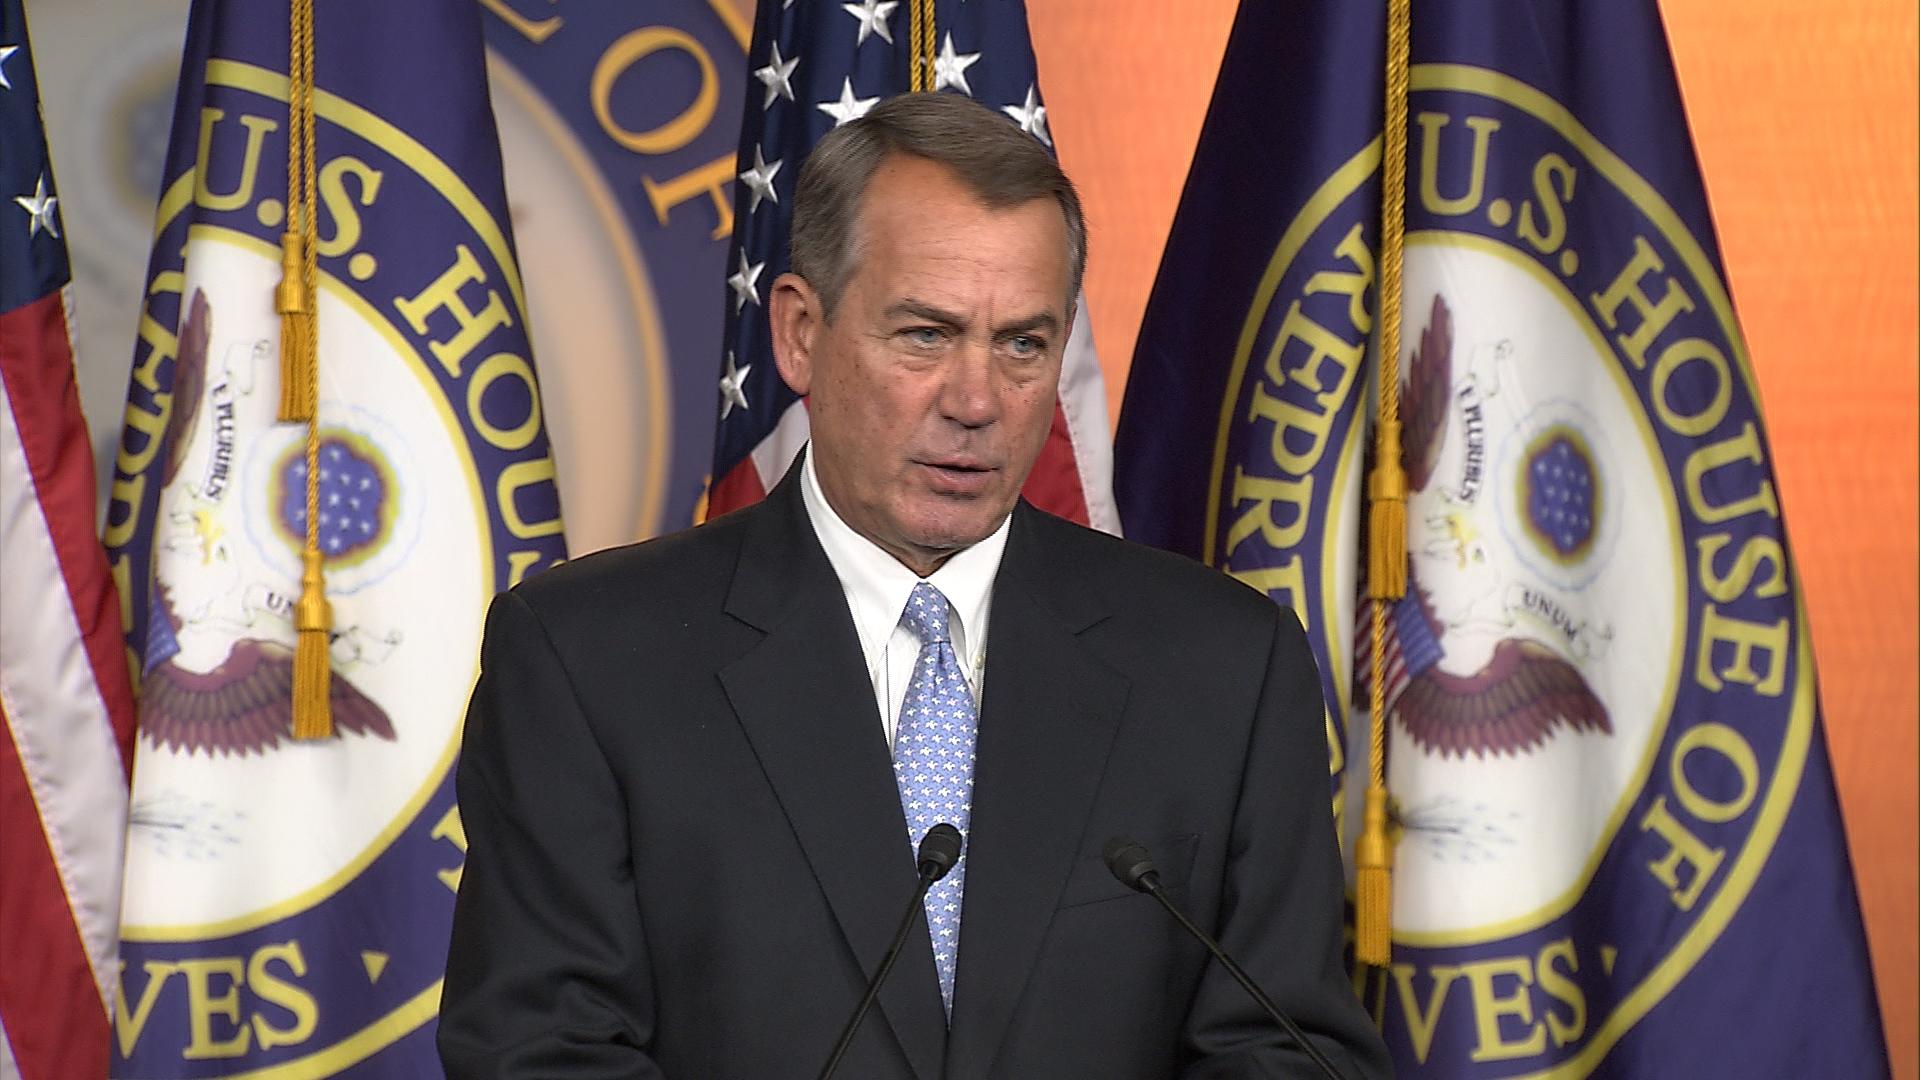 Boehner slams Obama as 'anti-war president'